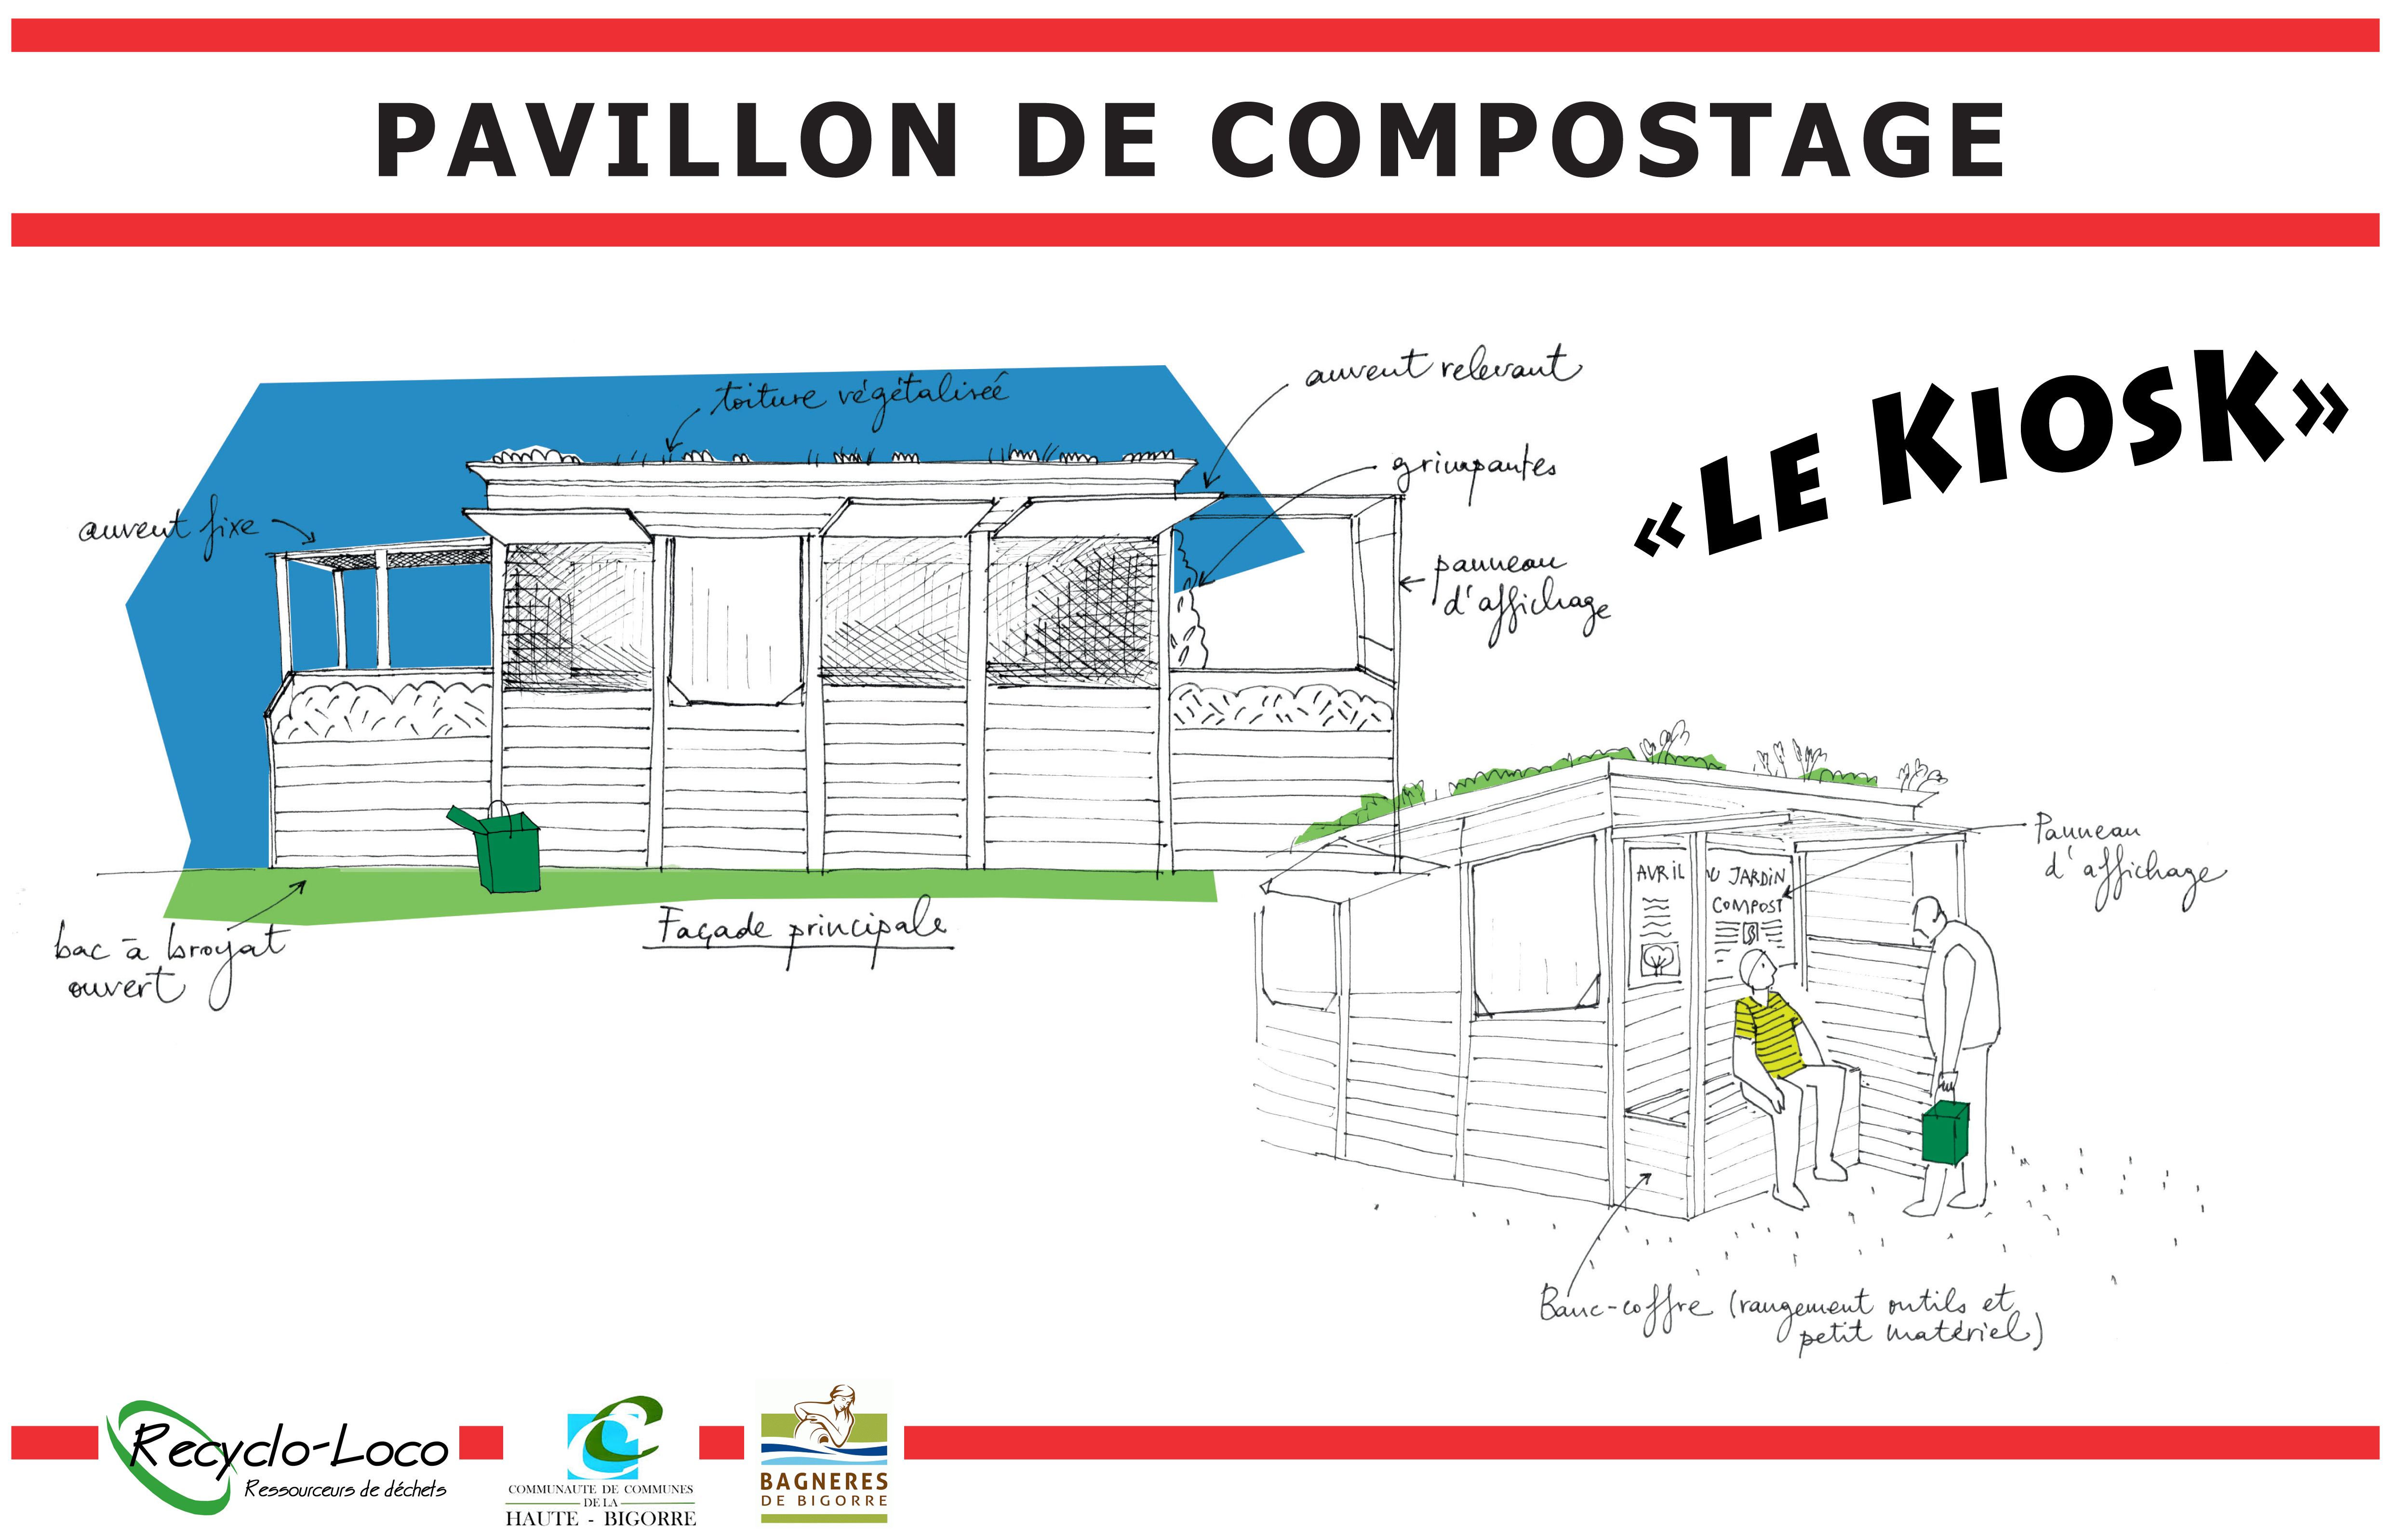 Présentation KIOSK de compostage